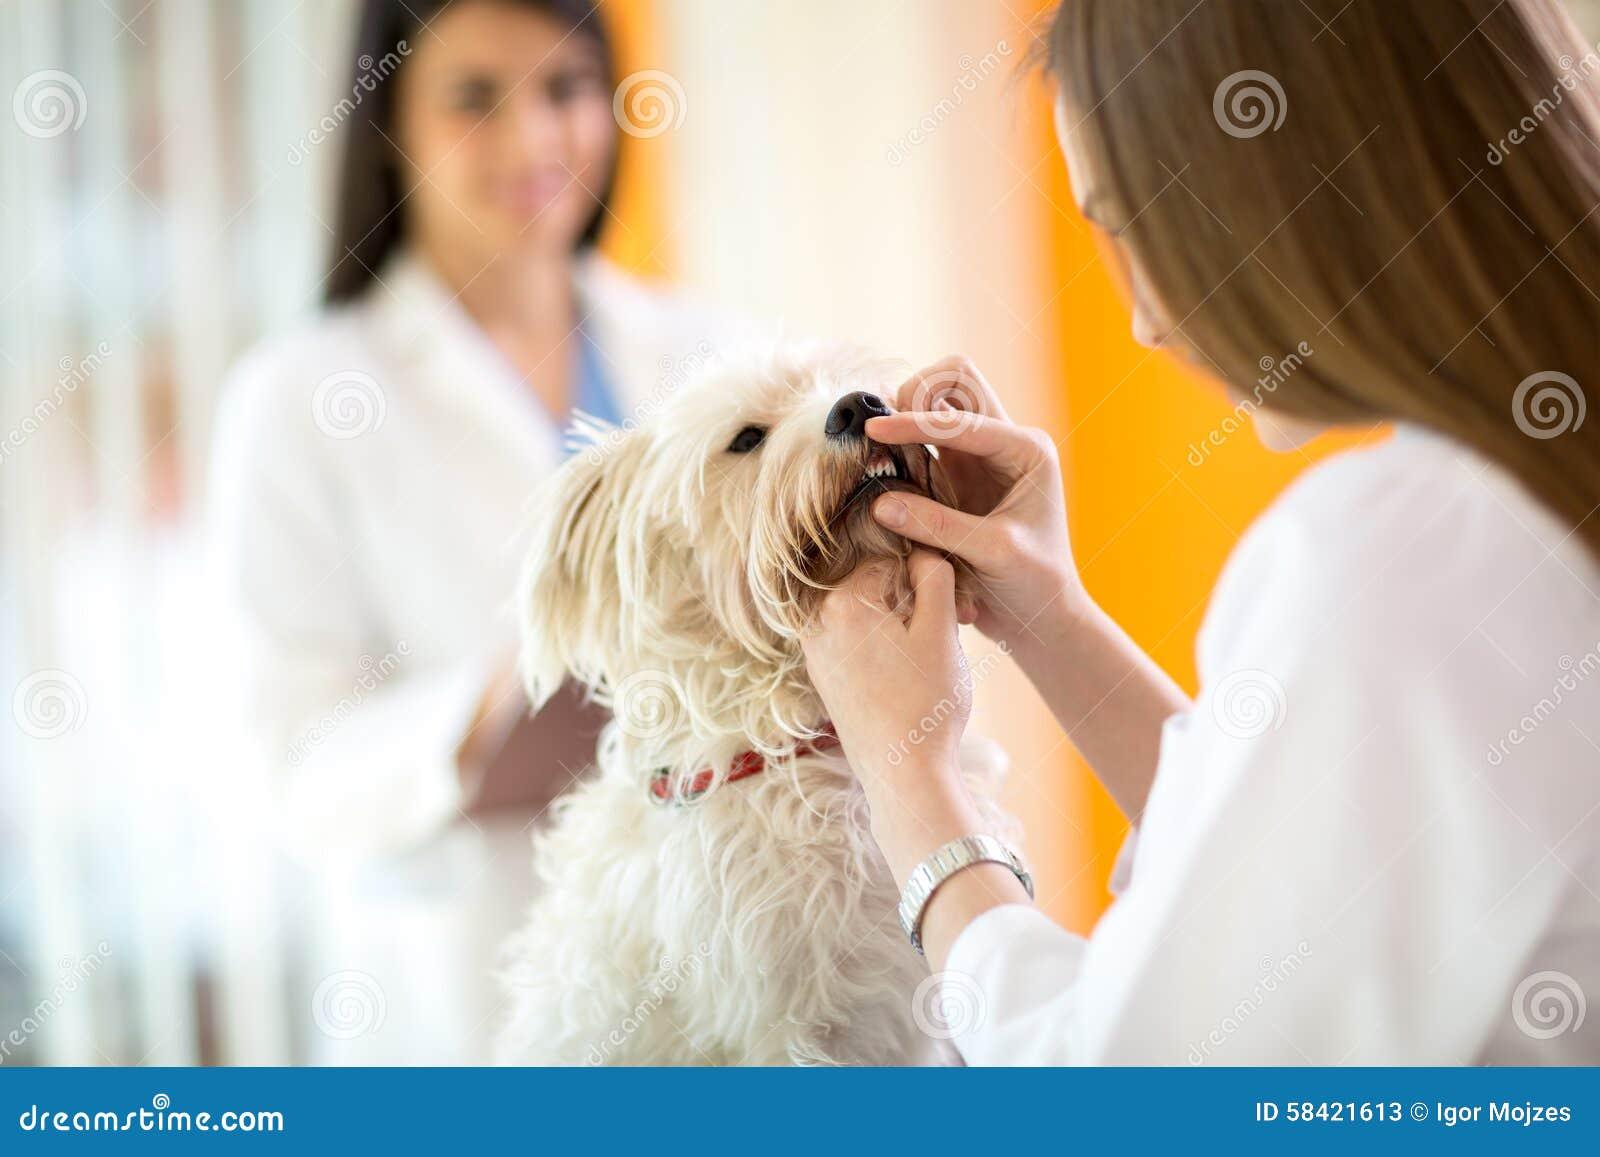 Prüfung von Zähnen des maltesischen Hundes in der Tierarztklinik